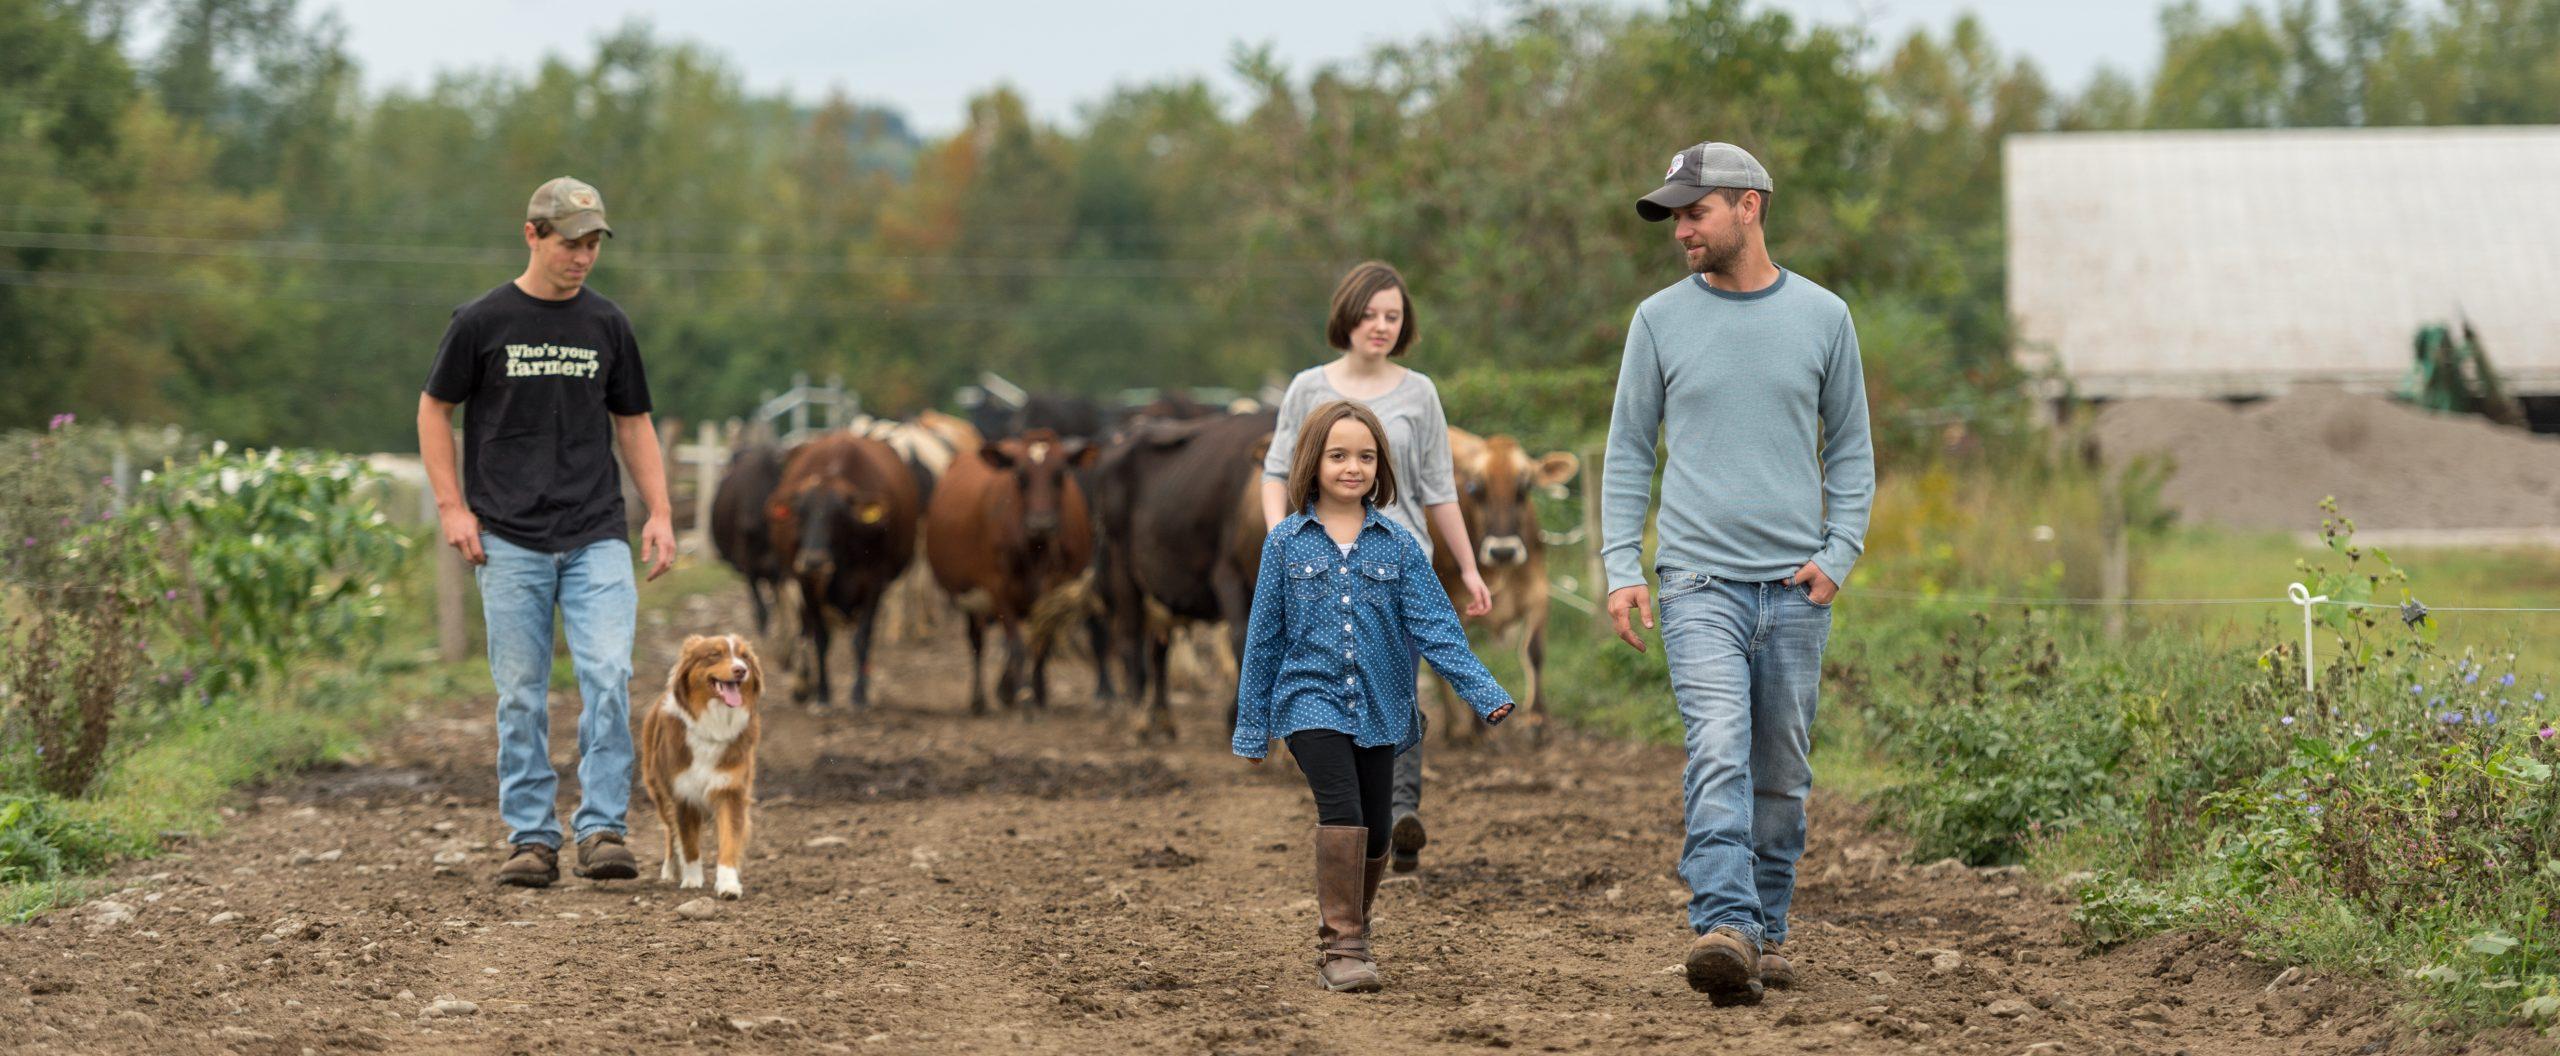 Engelbert-Farm-Nichols-Family-Tioga-County-NY Blog cover